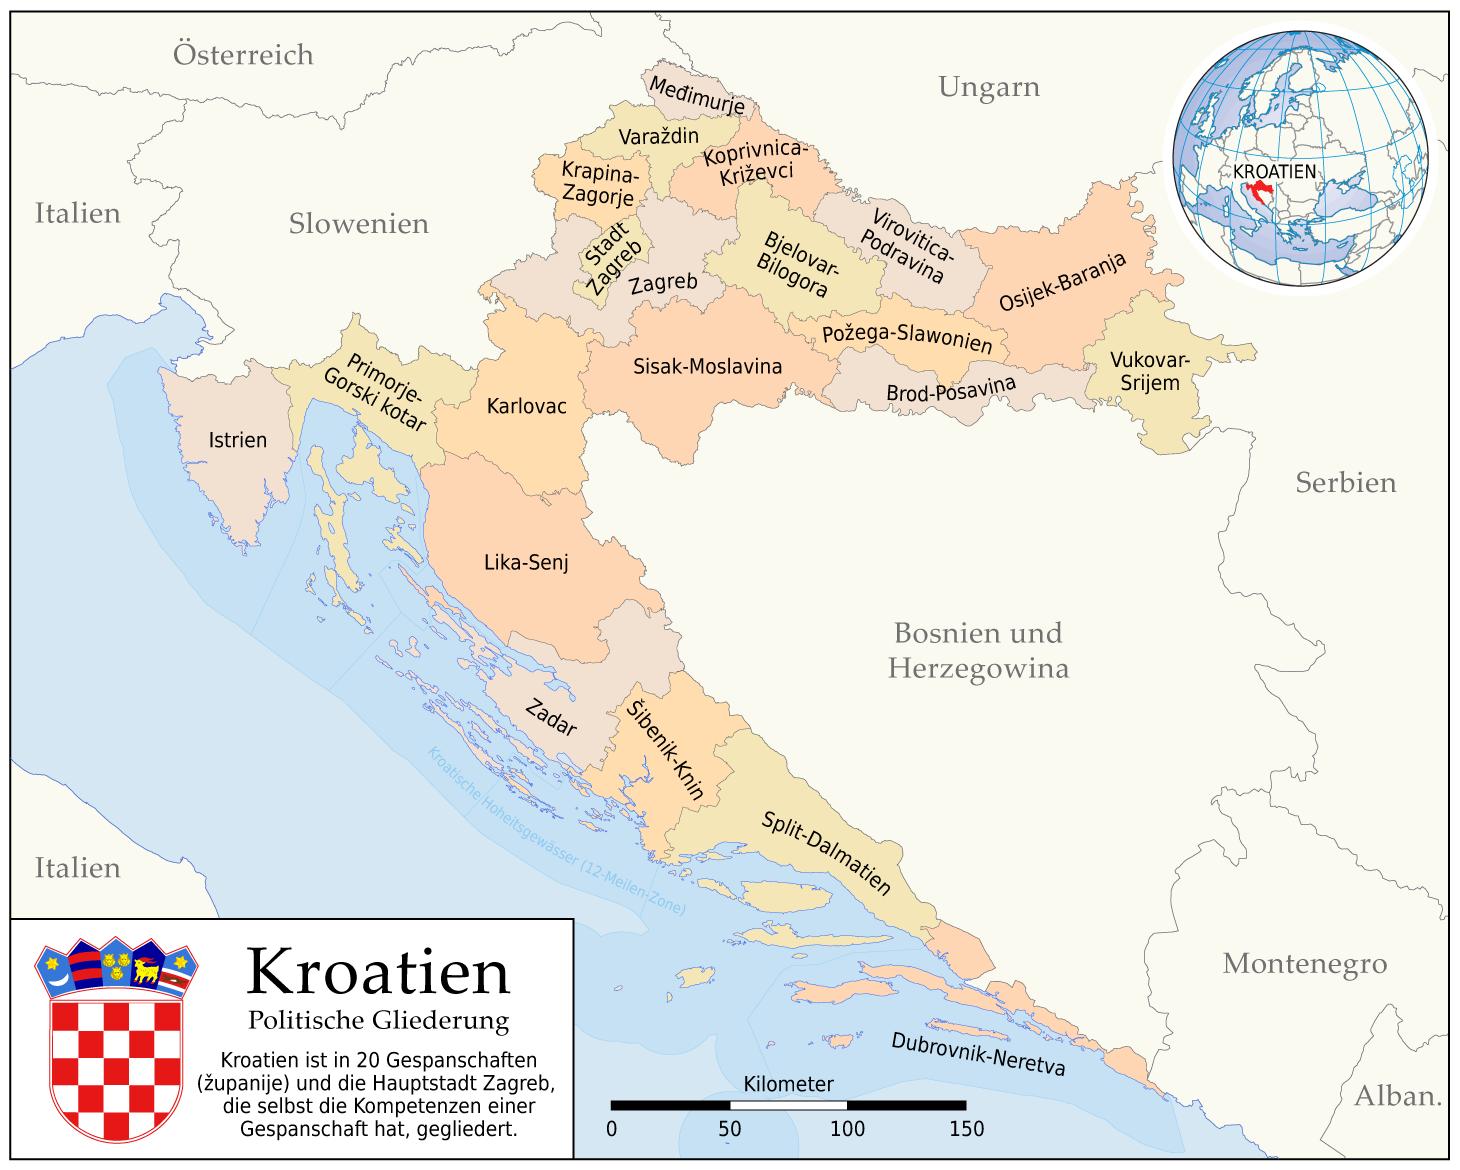 landkarte kroatien verwaltungsbezirke karten und stadtpl ne der welt. Black Bedroom Furniture Sets. Home Design Ideas